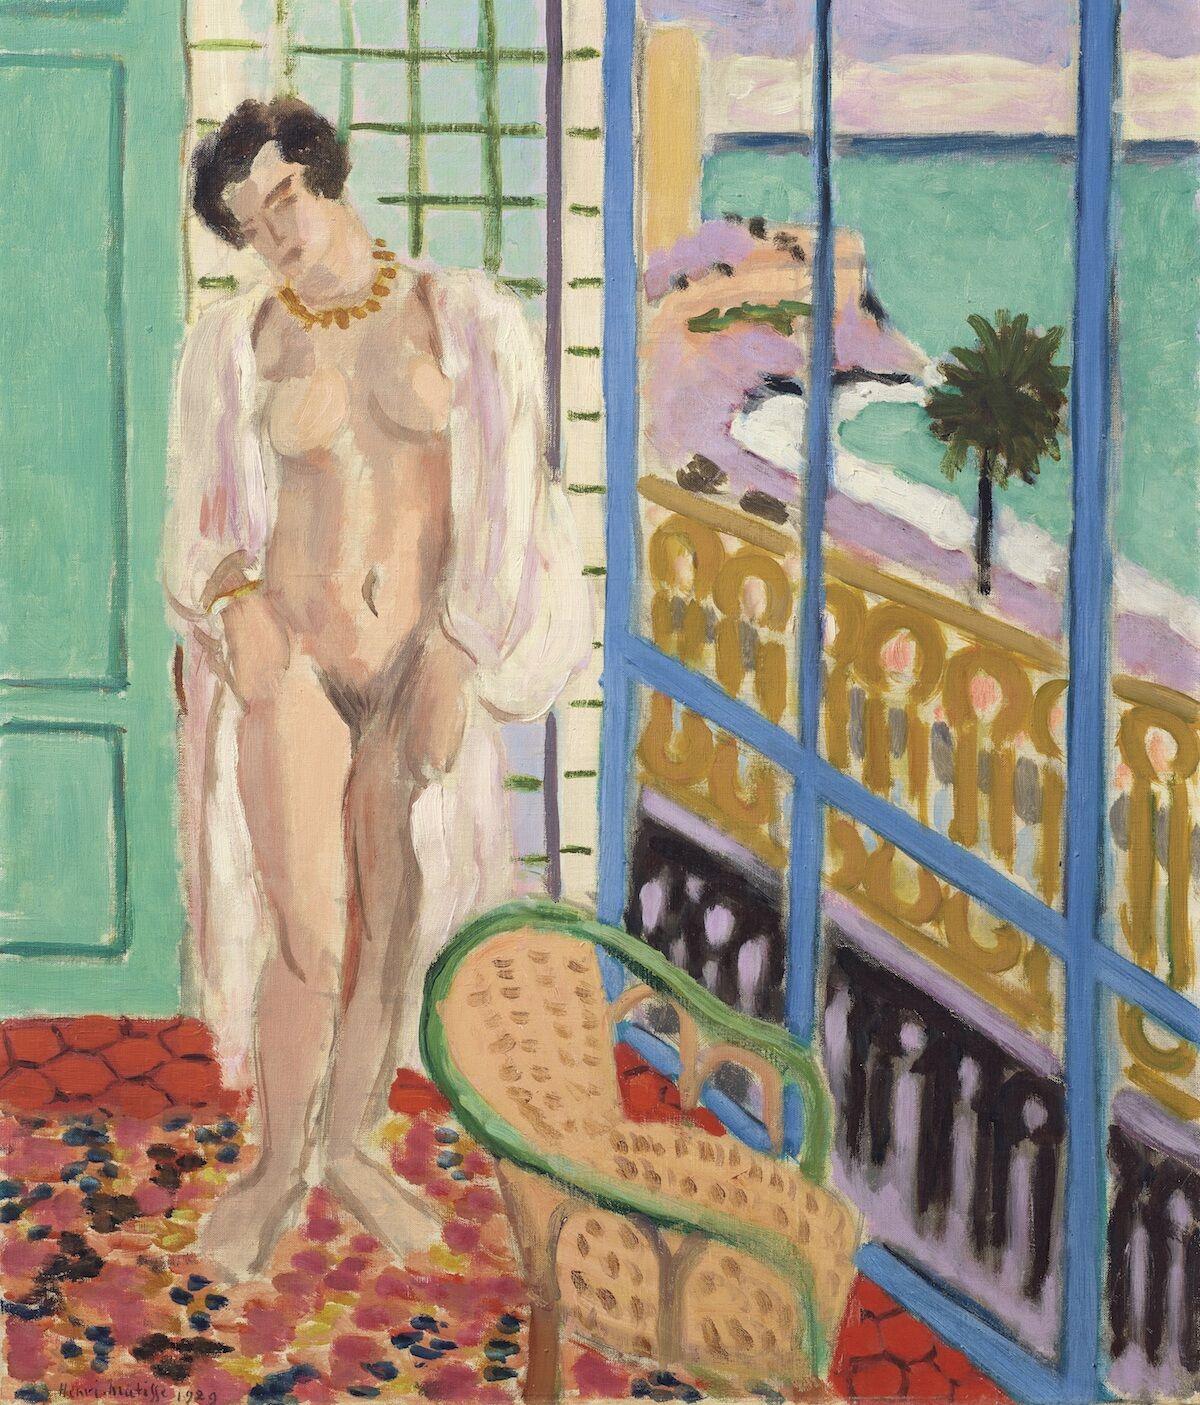 Henri Matisse, Nu à la fenêtre, 1929. Est. $7 million–$10 million. Courtesy Christie's.